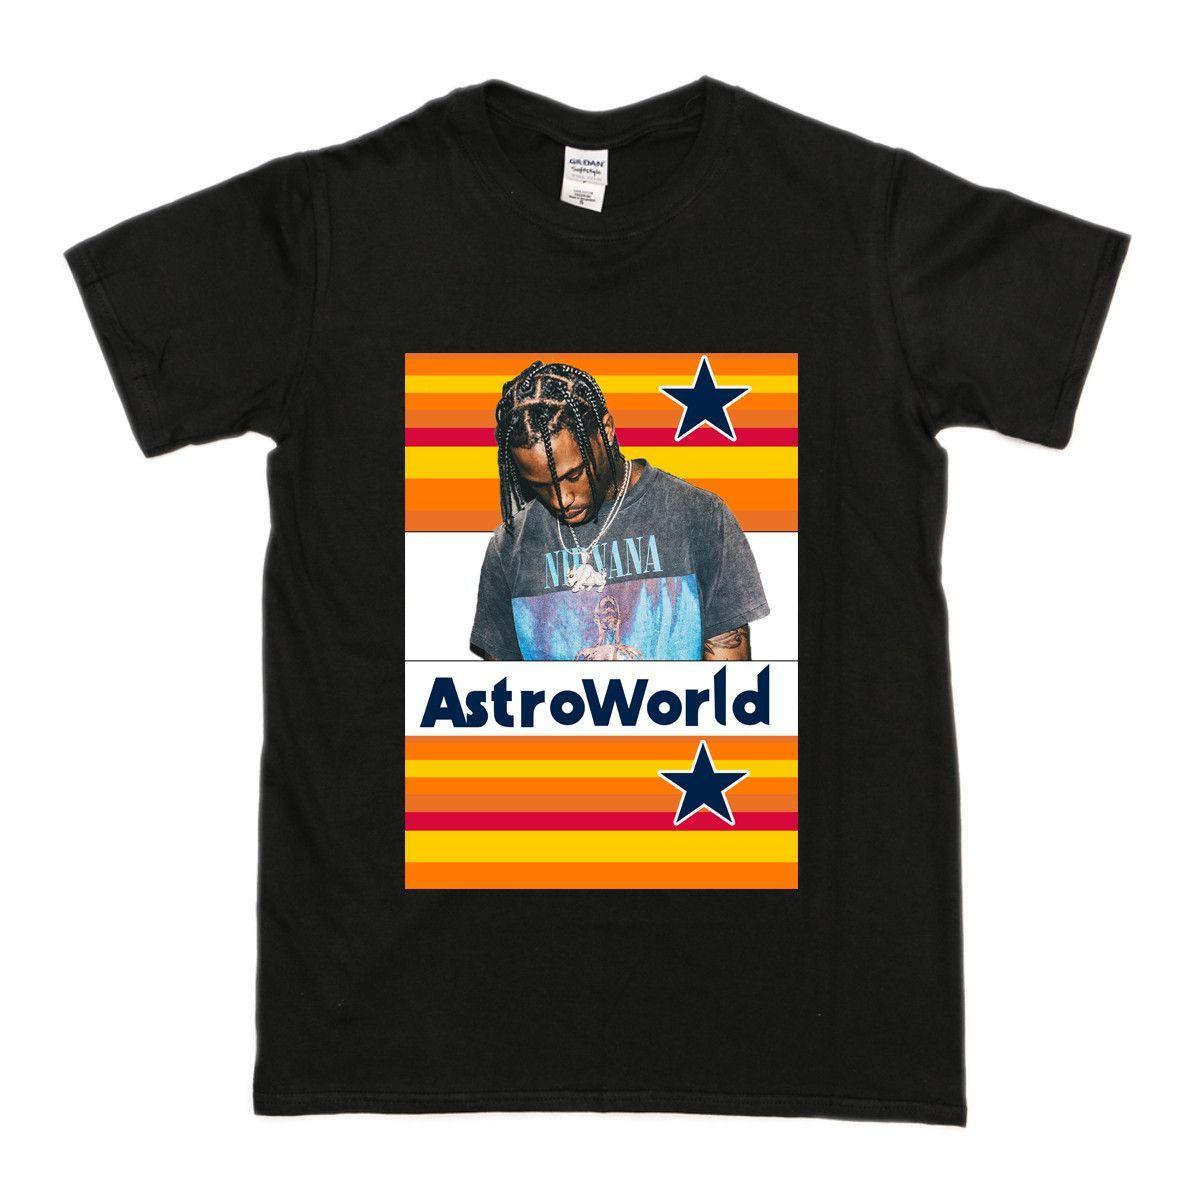 1b2a6587d Travis Scott Astroworld T-Shirt | Matt | Travis scott astroworld ...